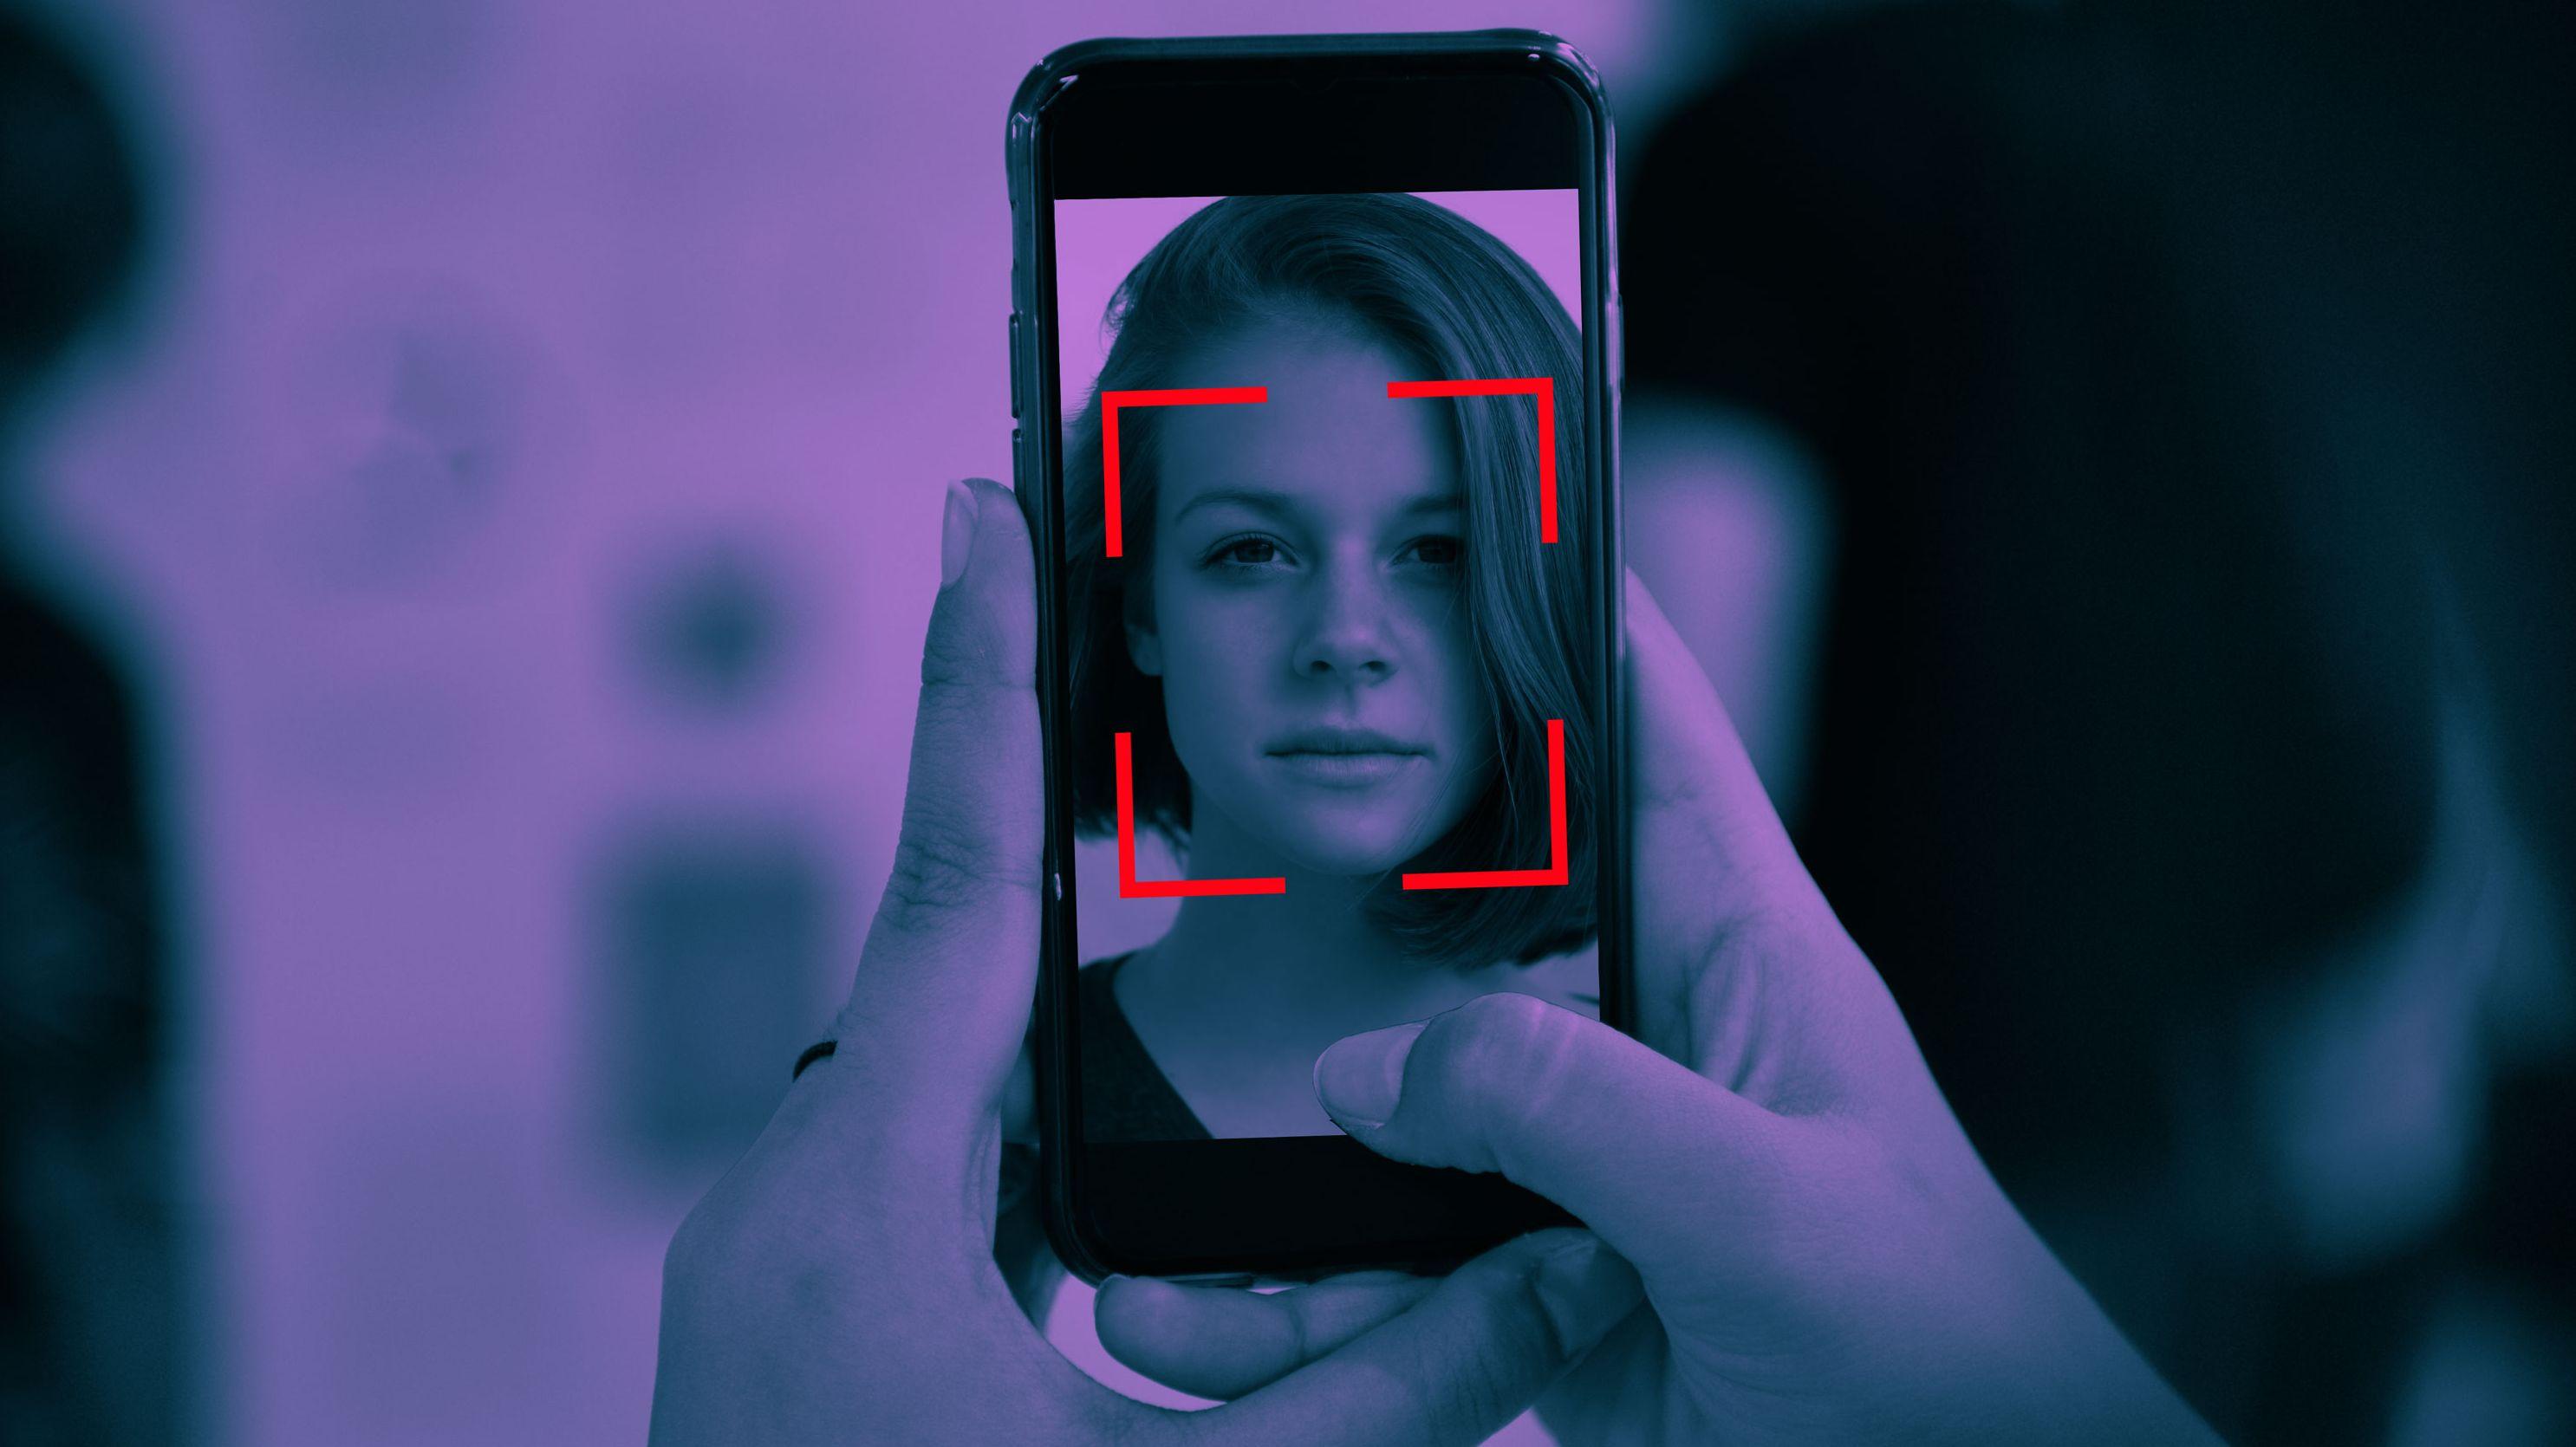 フランス、政府サービスの登録認証に顔認識を導入へ